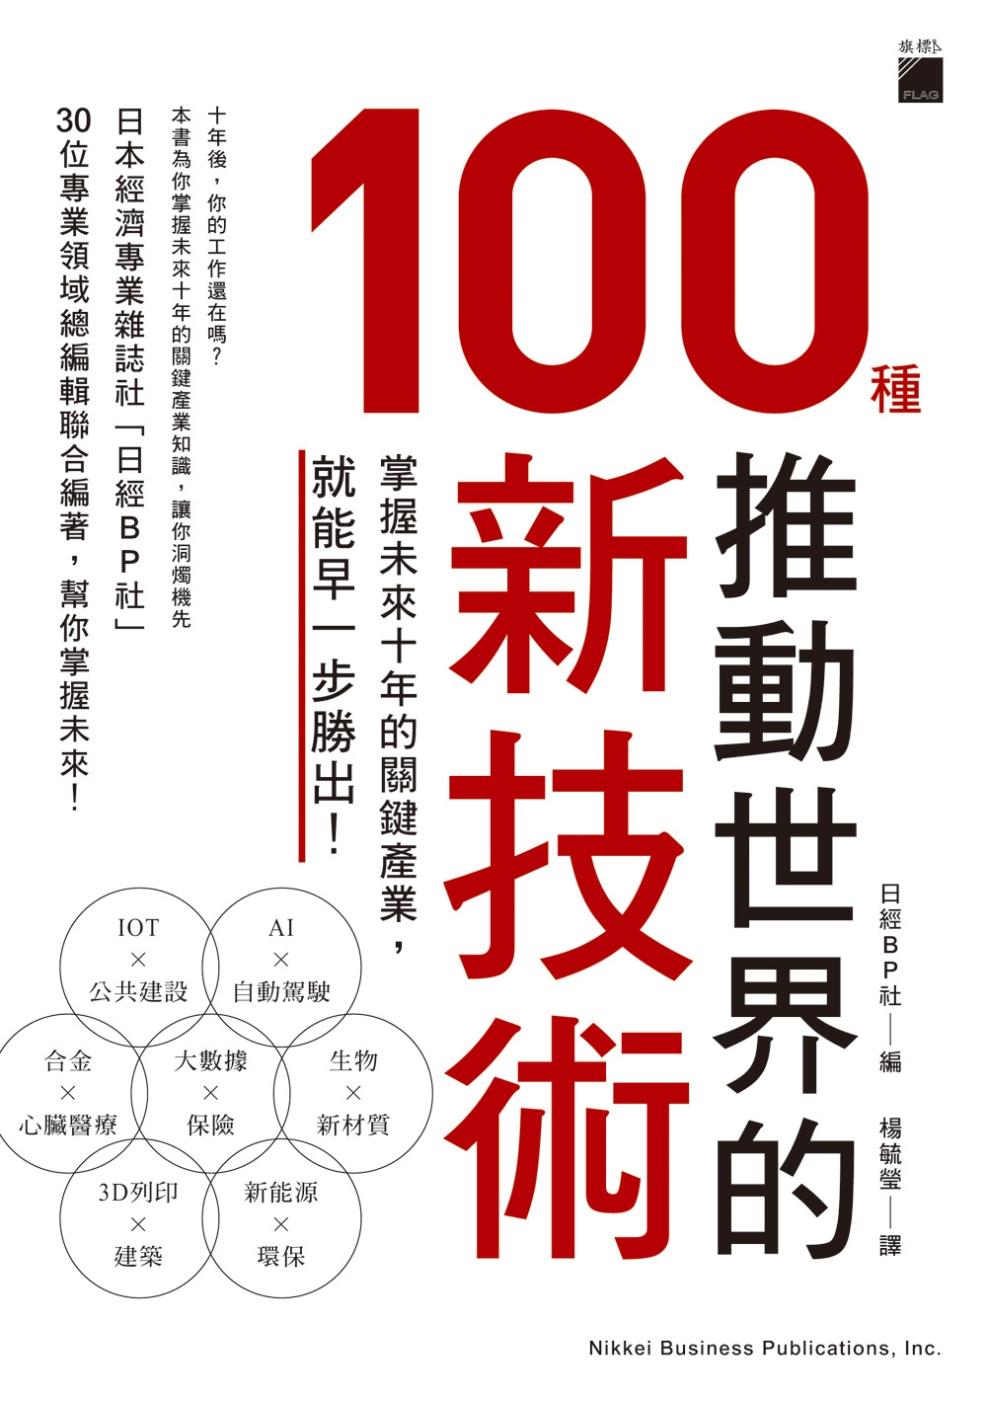 推動世界的 100 種新技術:掌握未來 10 年的關鍵產業,就能早一步勝出